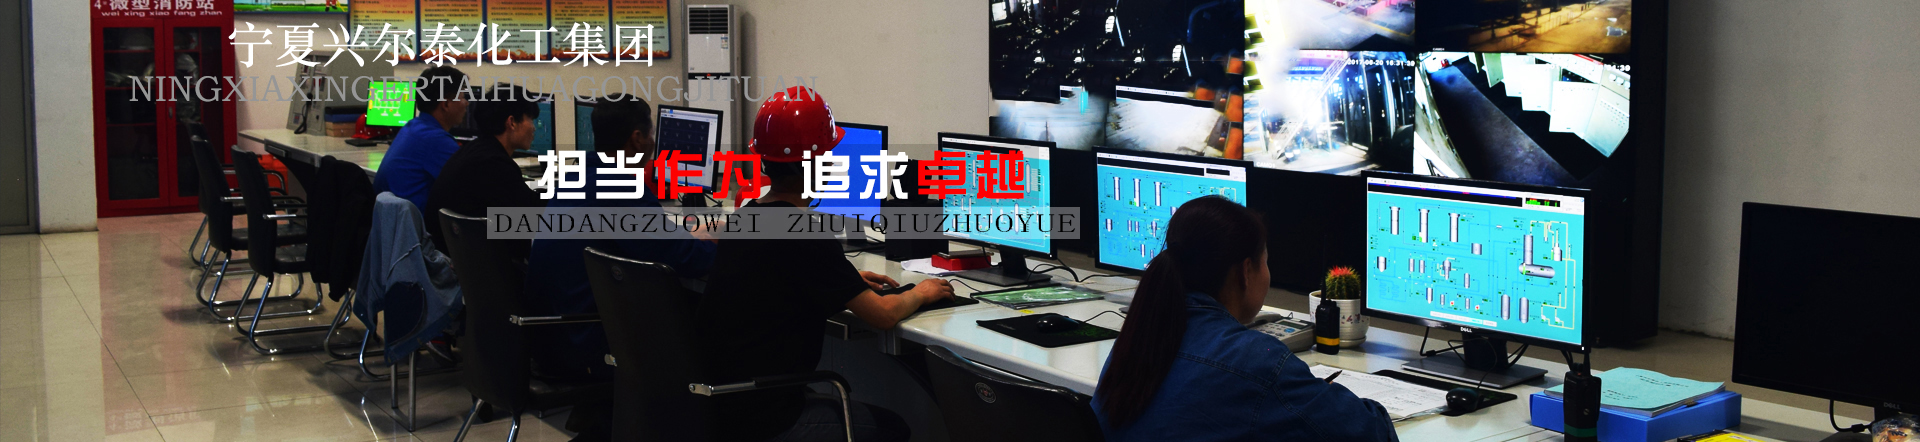 宁夏兴尔泰化工集团